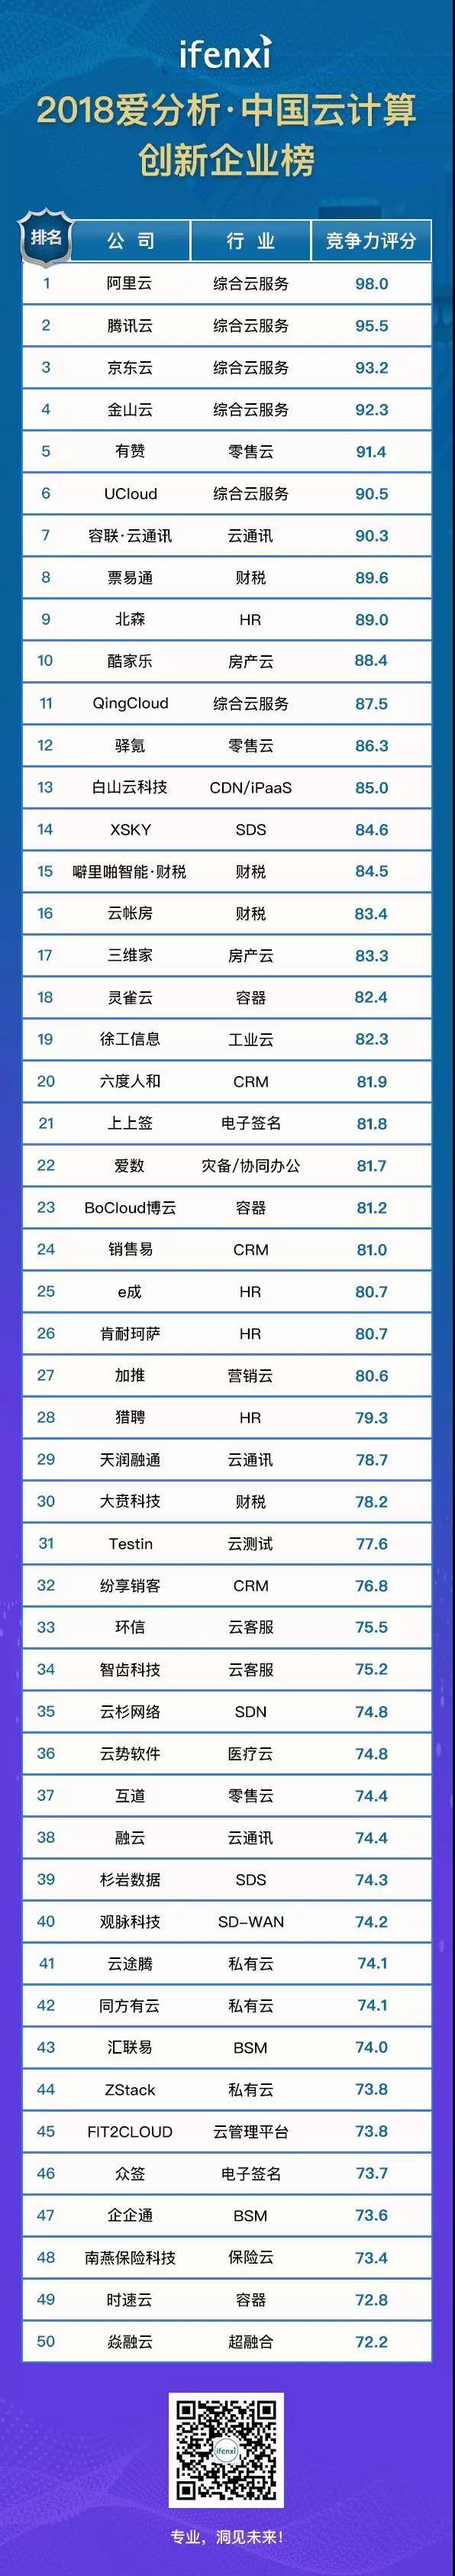 汇联易上榜【2018中国云计算创新企业50强】 3